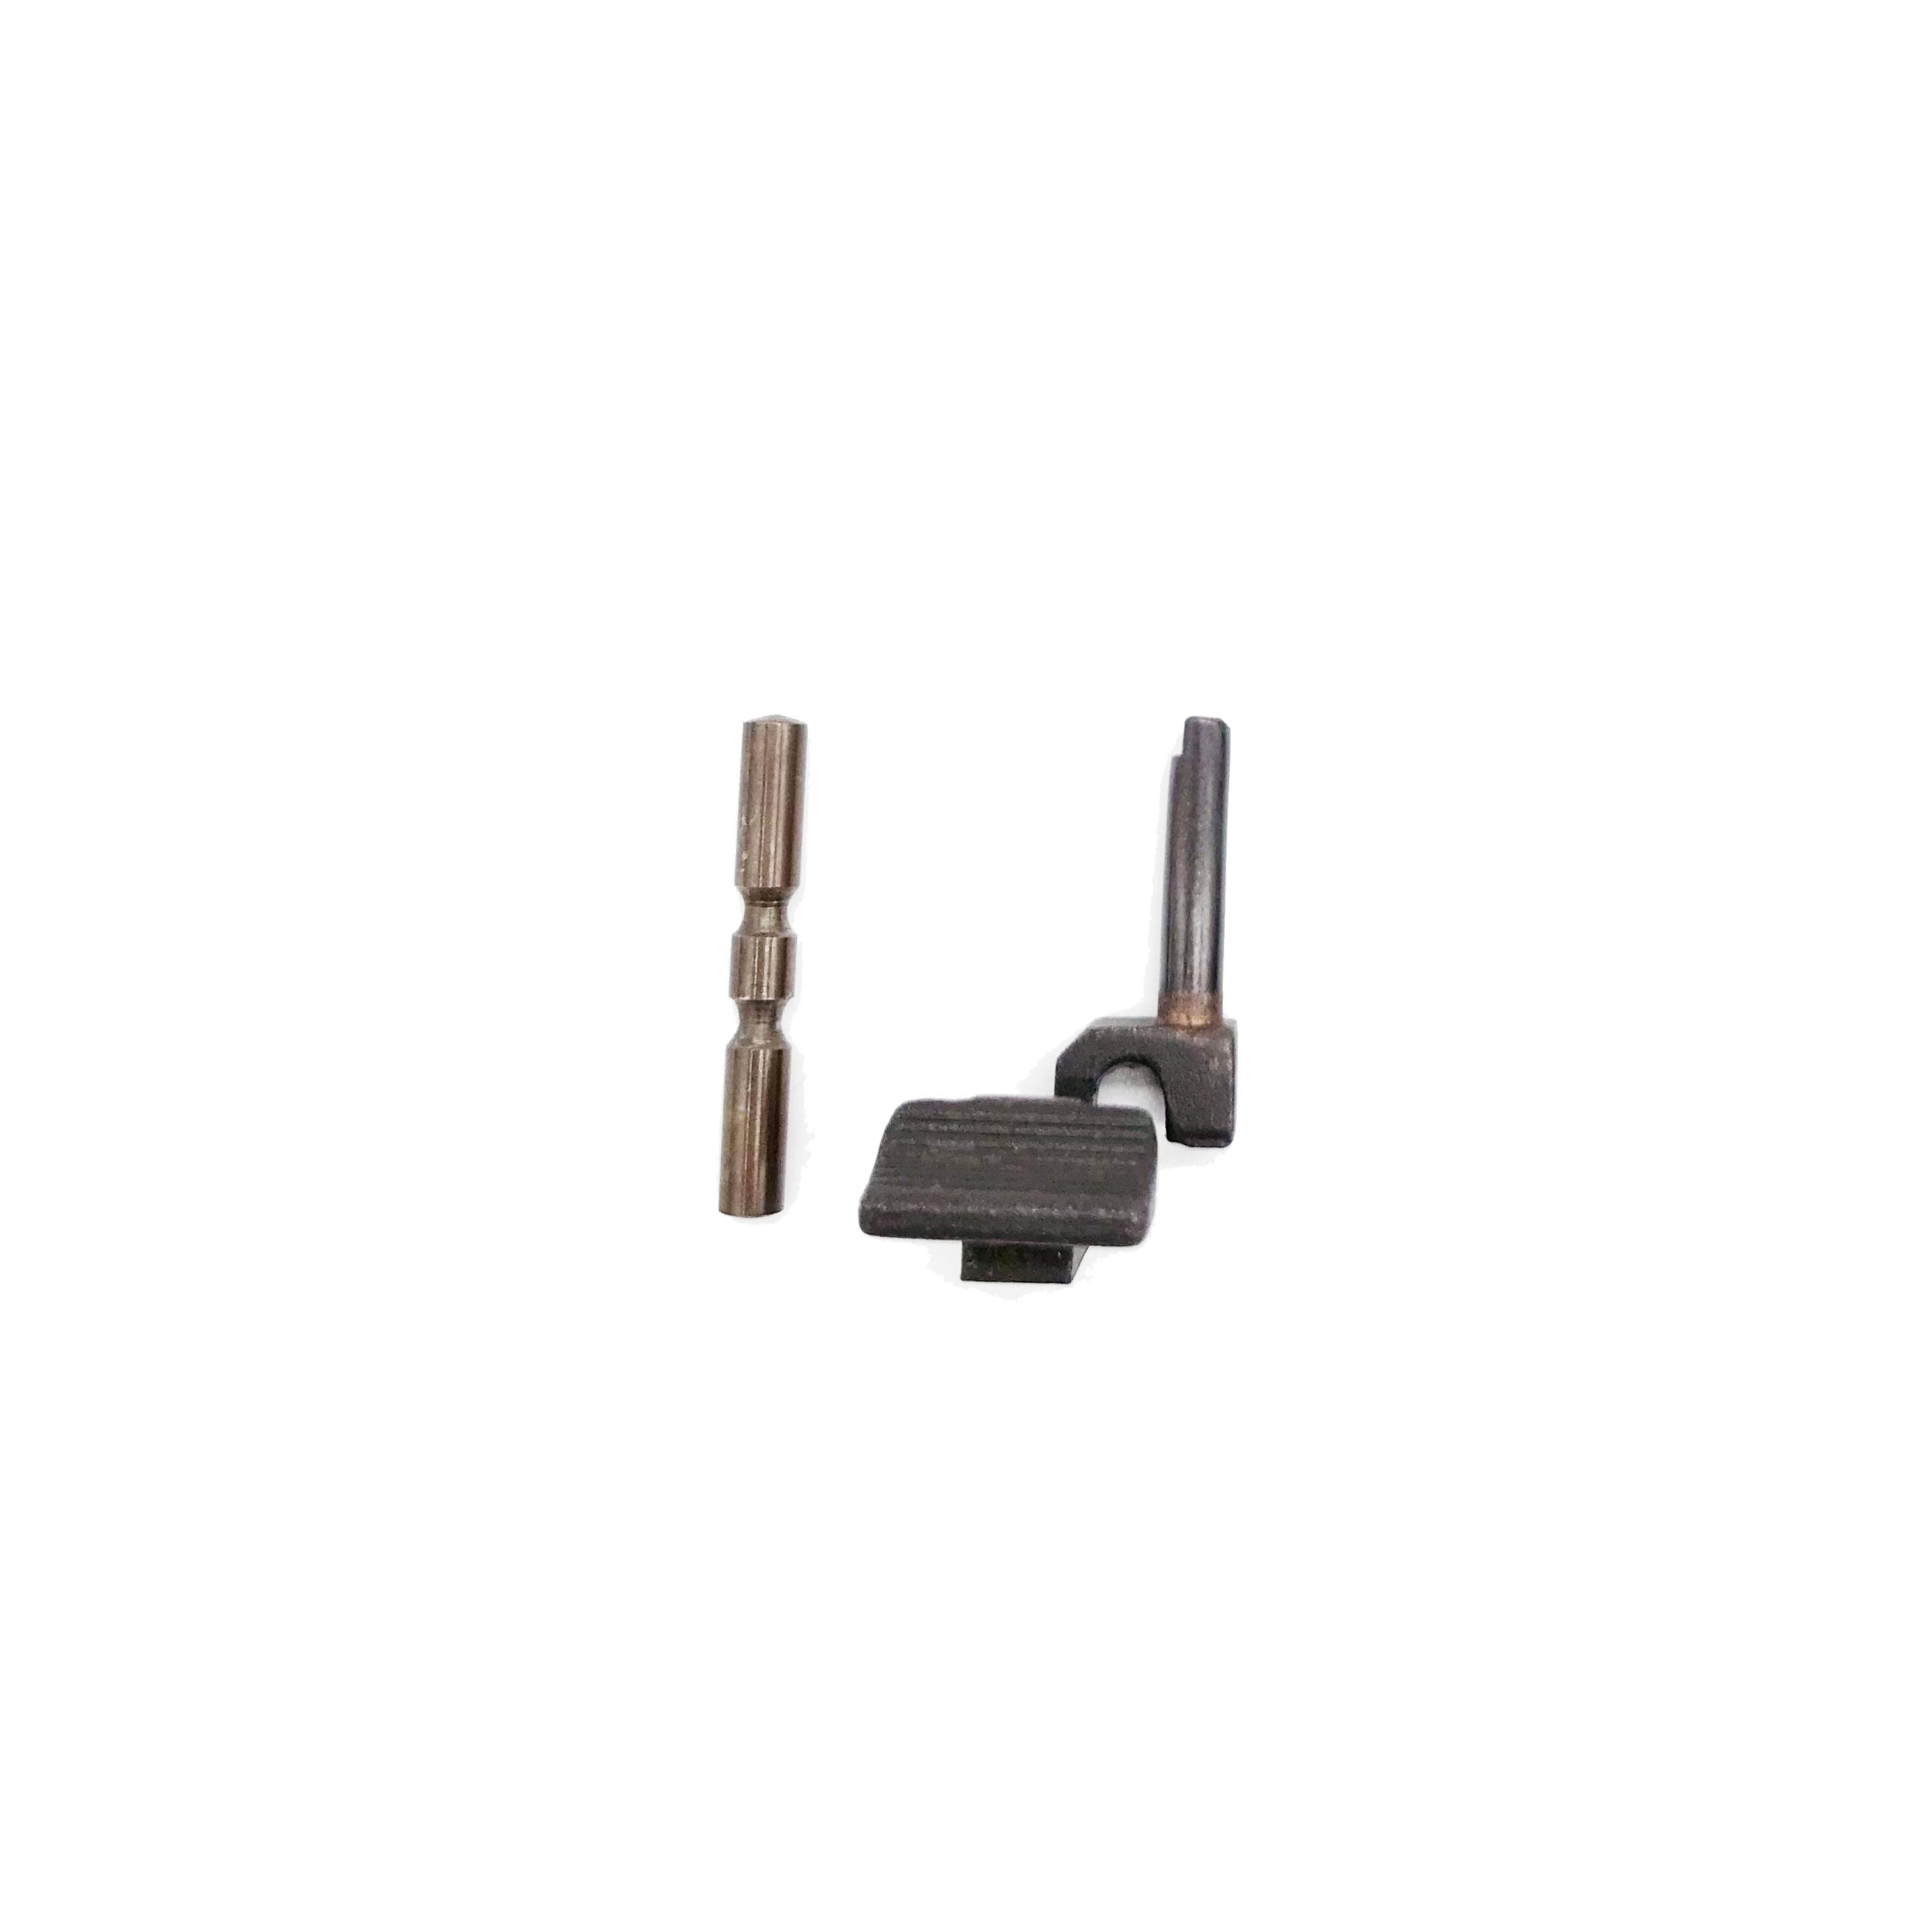 VZ 58 tactical bolt release